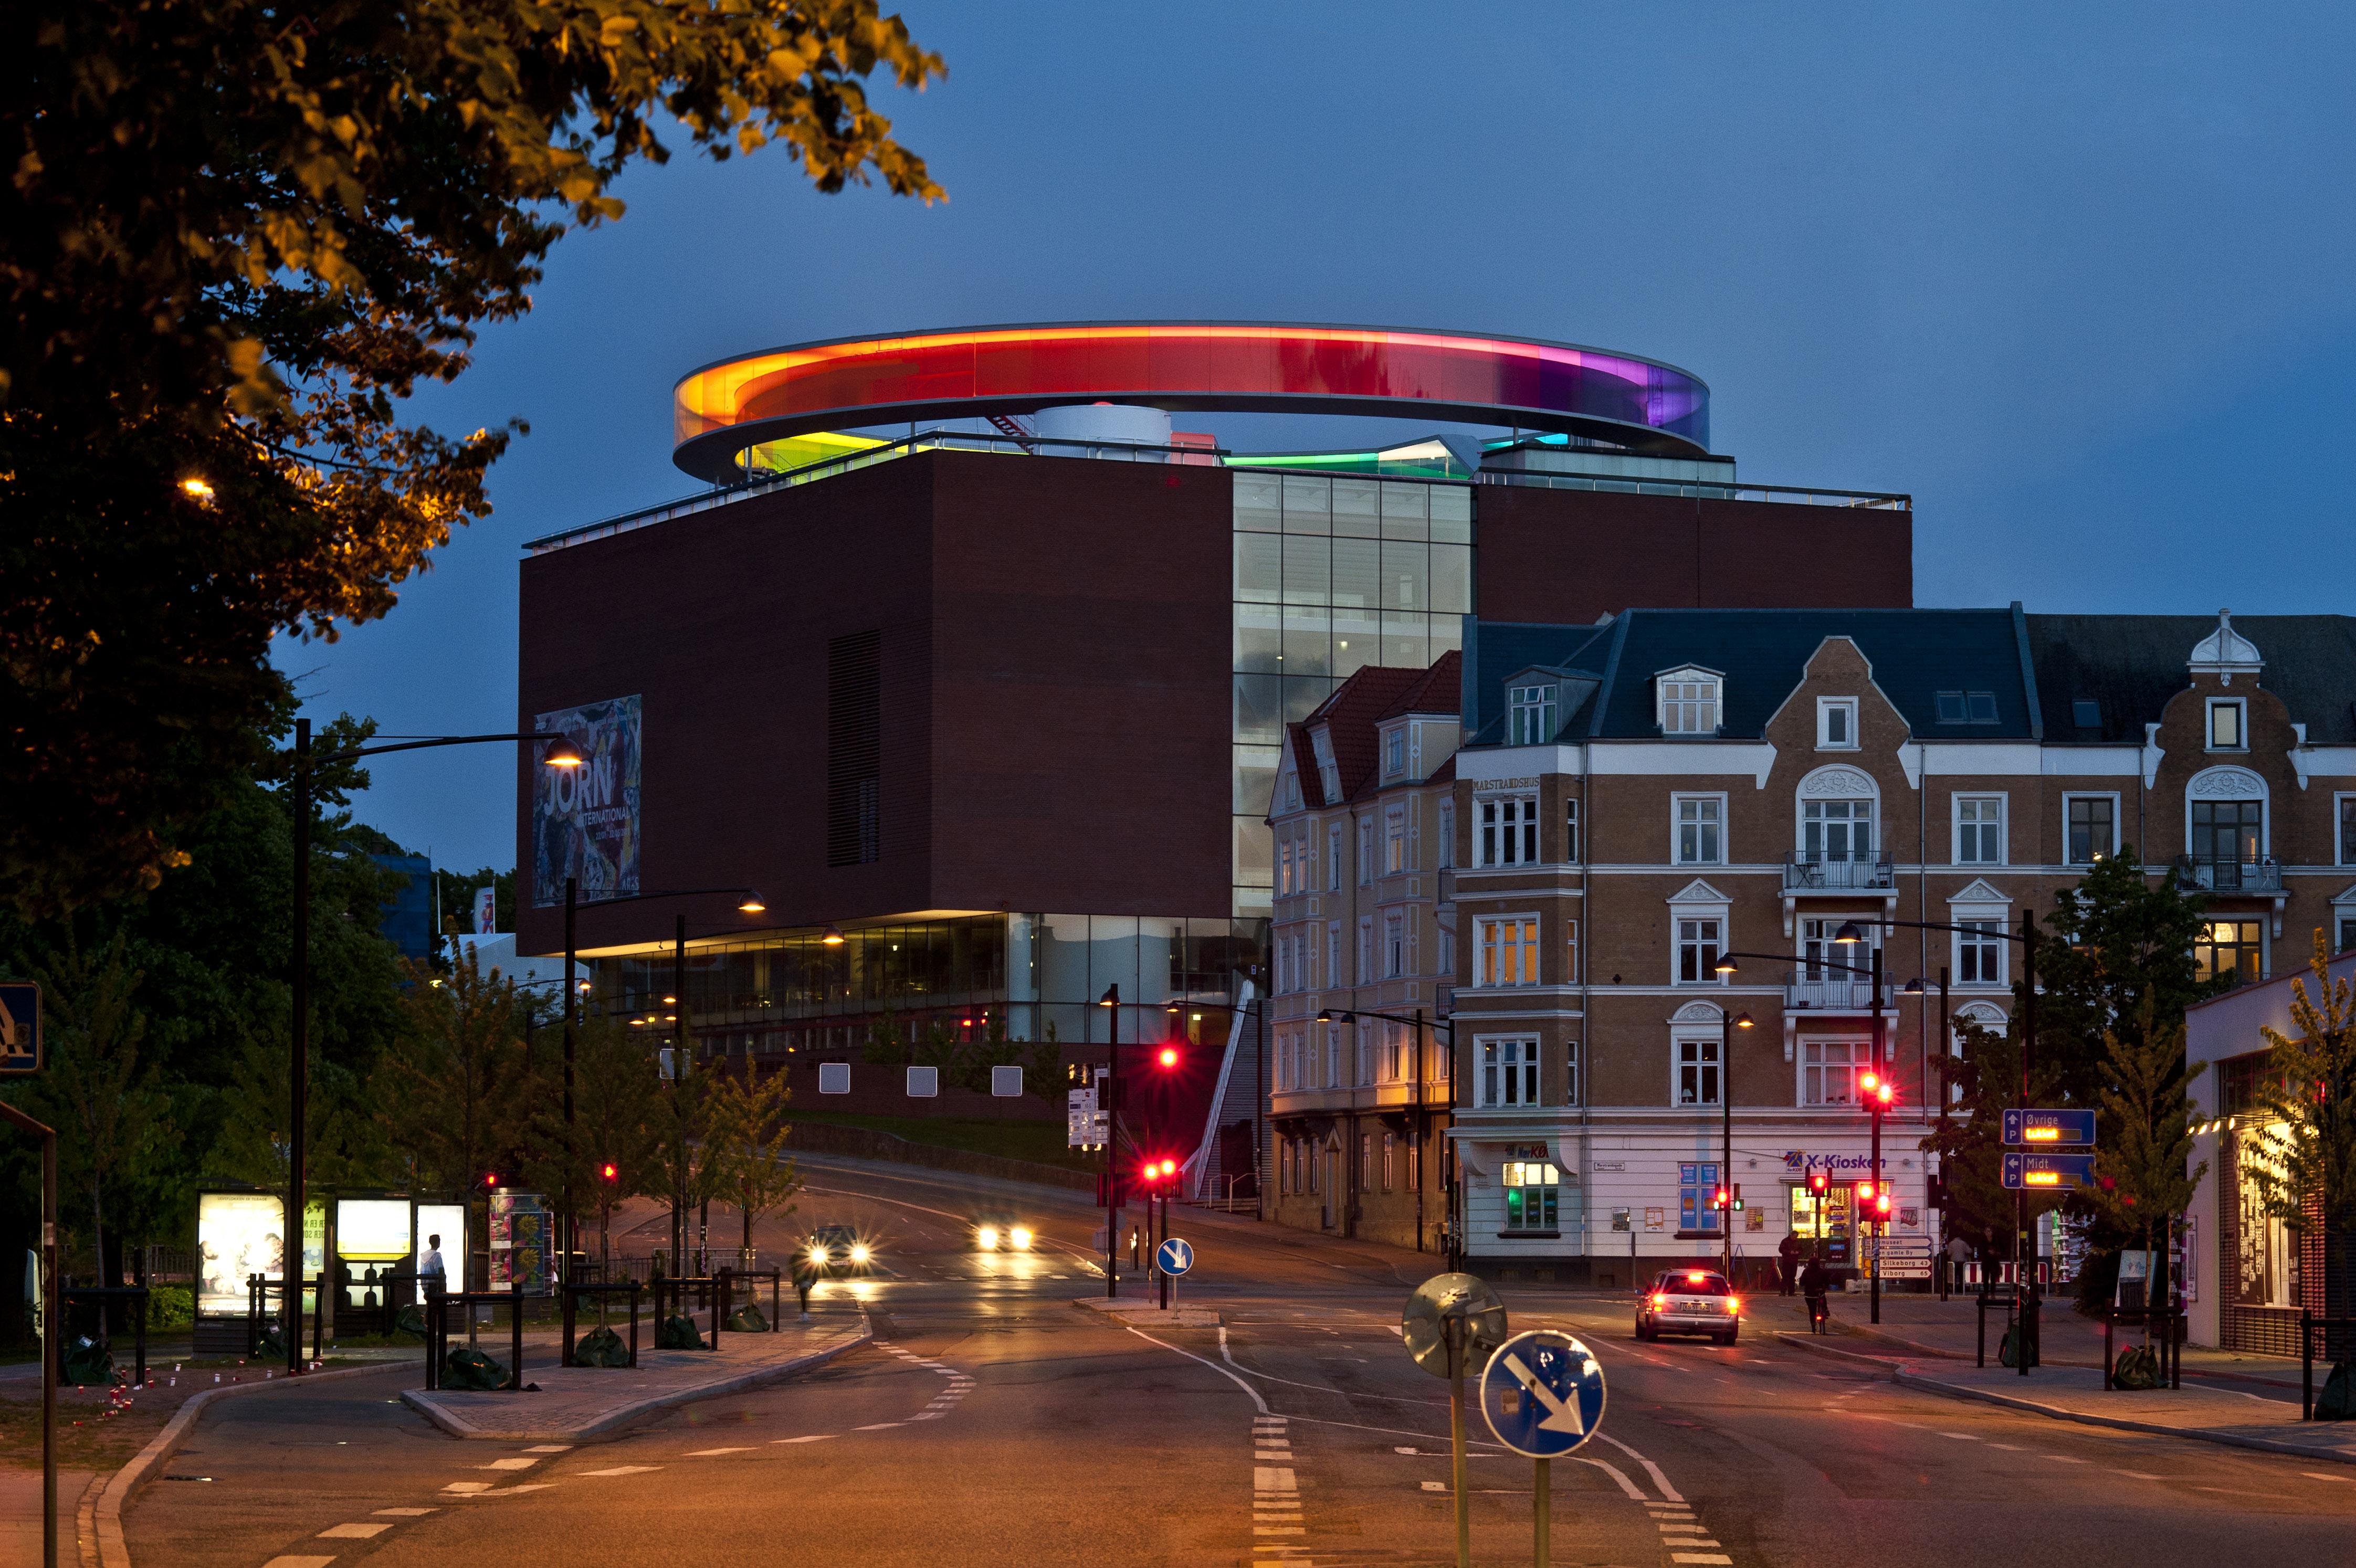 ARoS jest jednym z największych muzeów w Danii